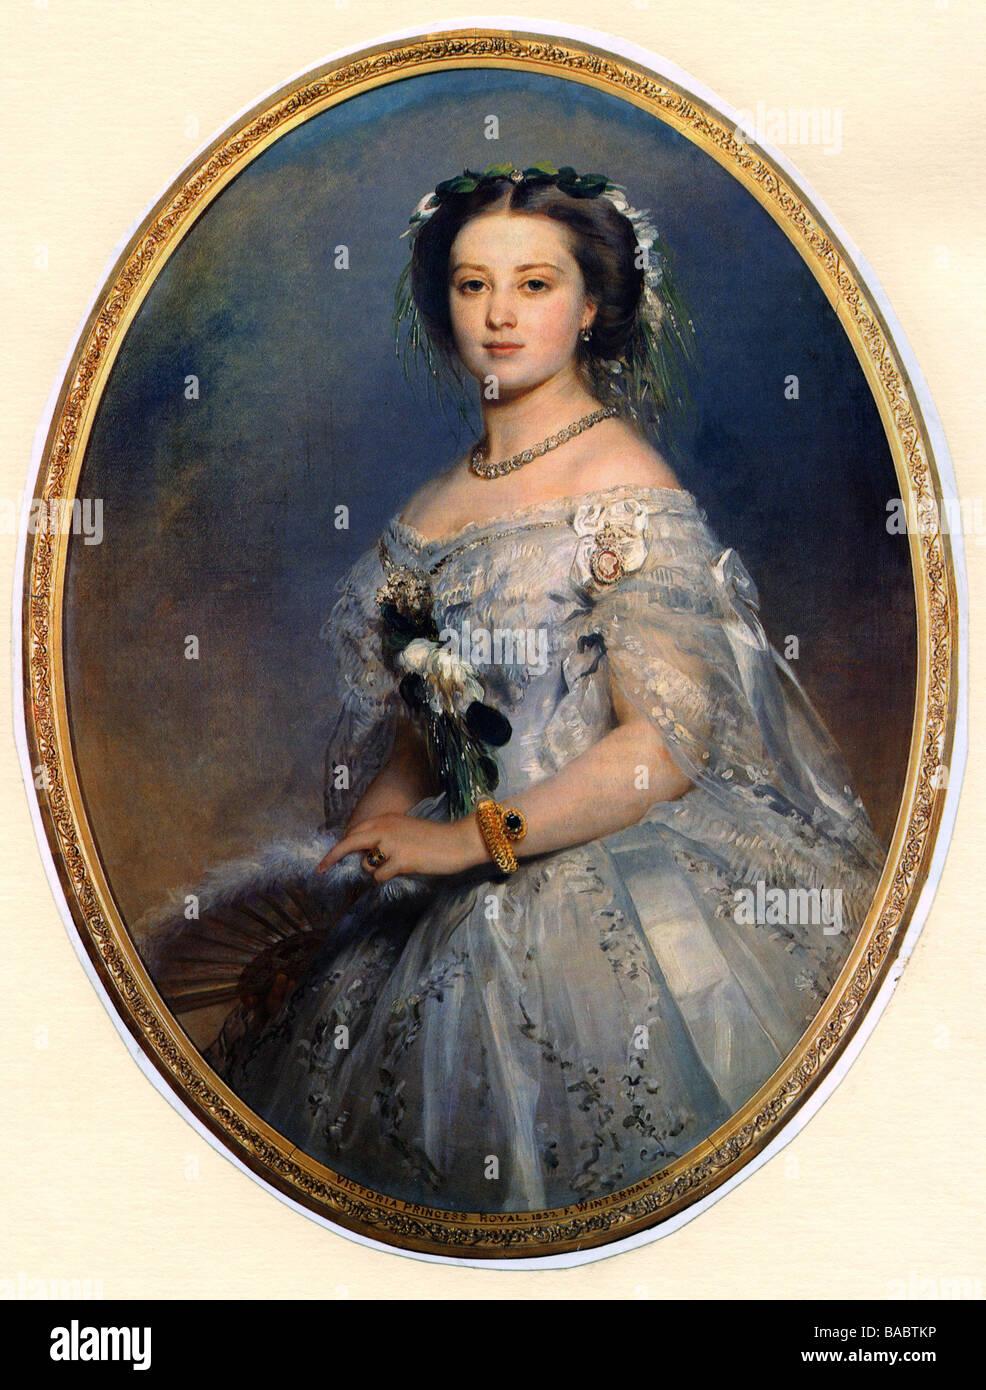 Victoria Adelaide, 21.11.1840 - 5.8. 1901, Empress Consort 9.3.1888 tedesco - 15.6.1888, a mezza lunghezza, dopo Foto Stock